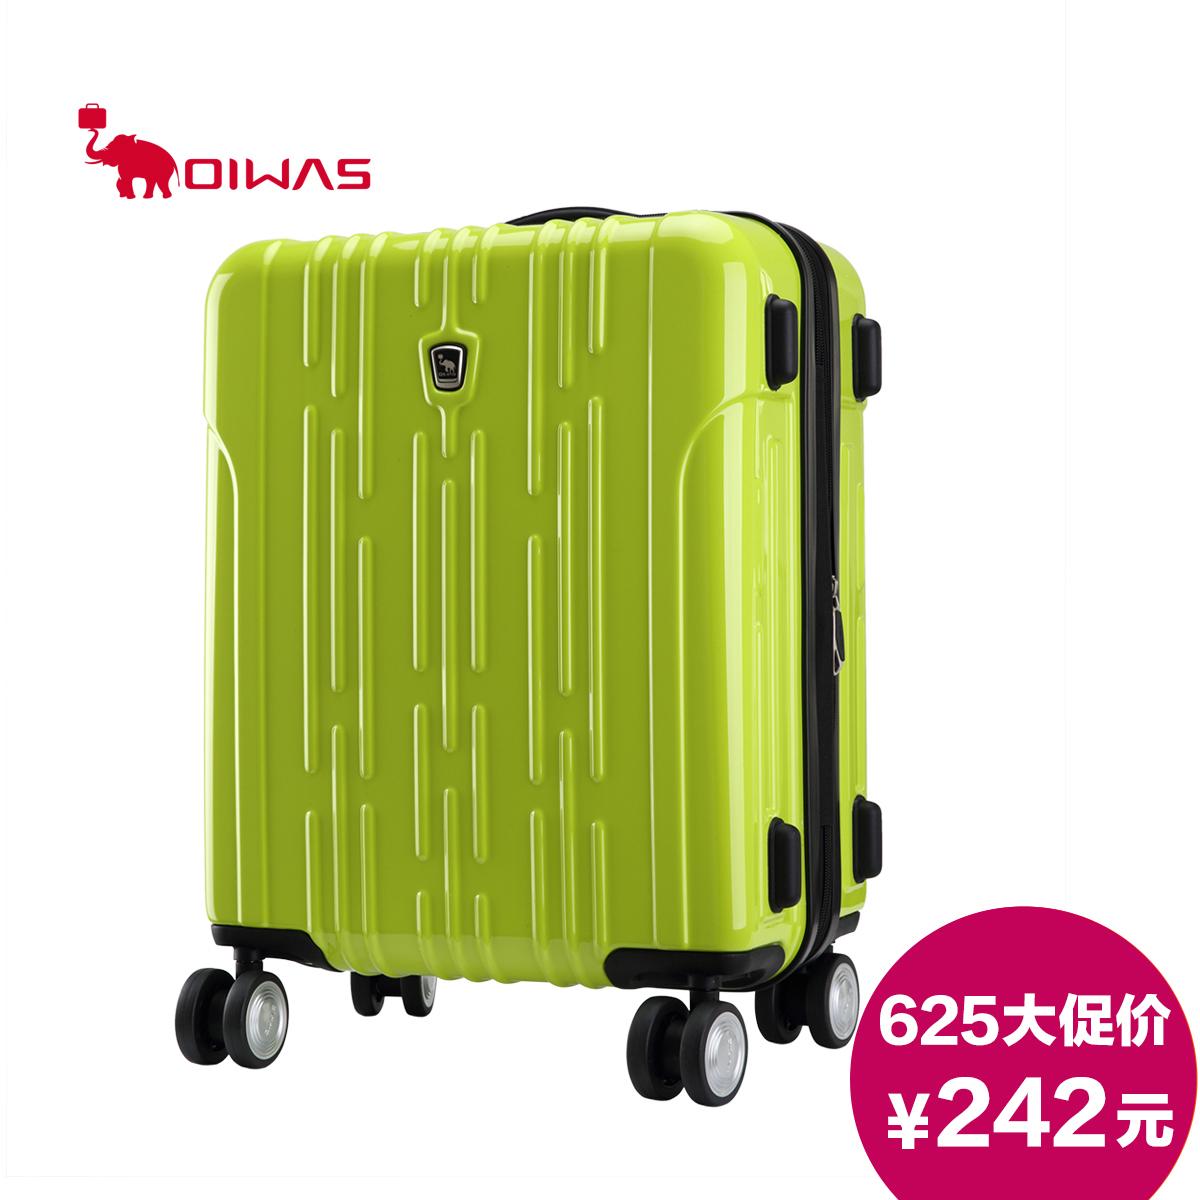 [春夏出游]爱华仕pc万向轮拉杆箱20寸旅行箱男28寸行李箱女24寸